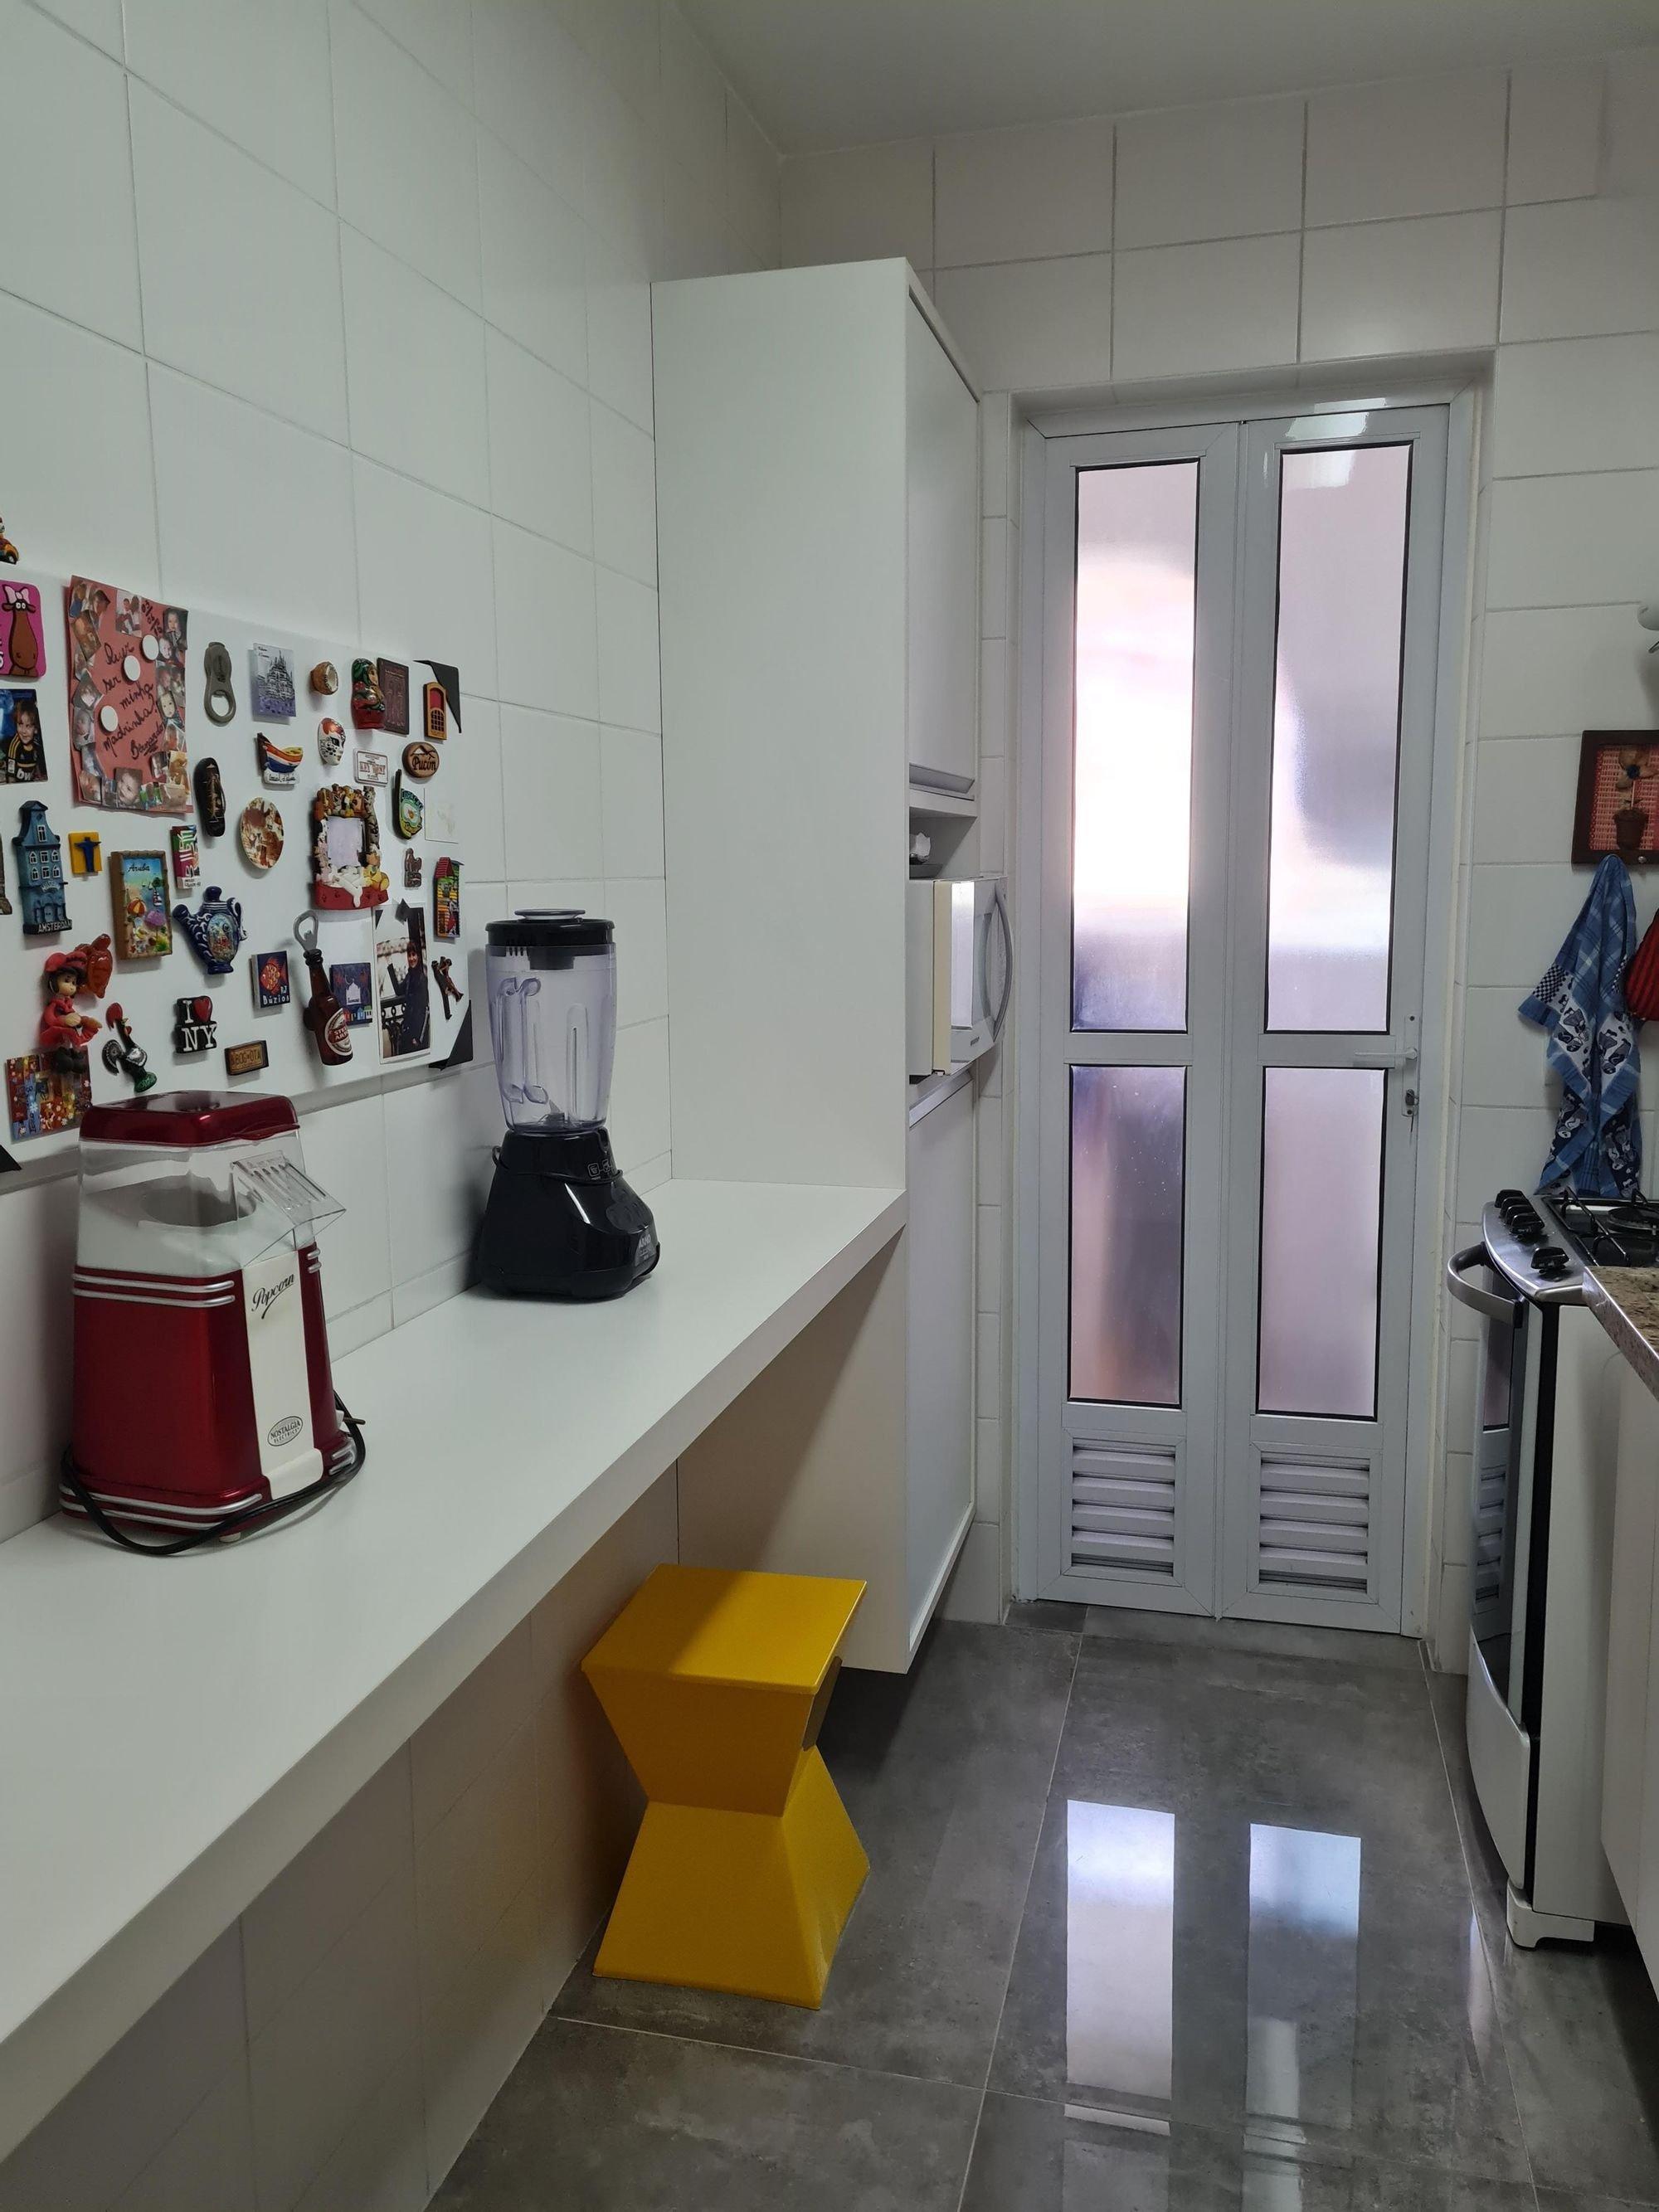 Foto de Hall com forno, bolsa, microondas